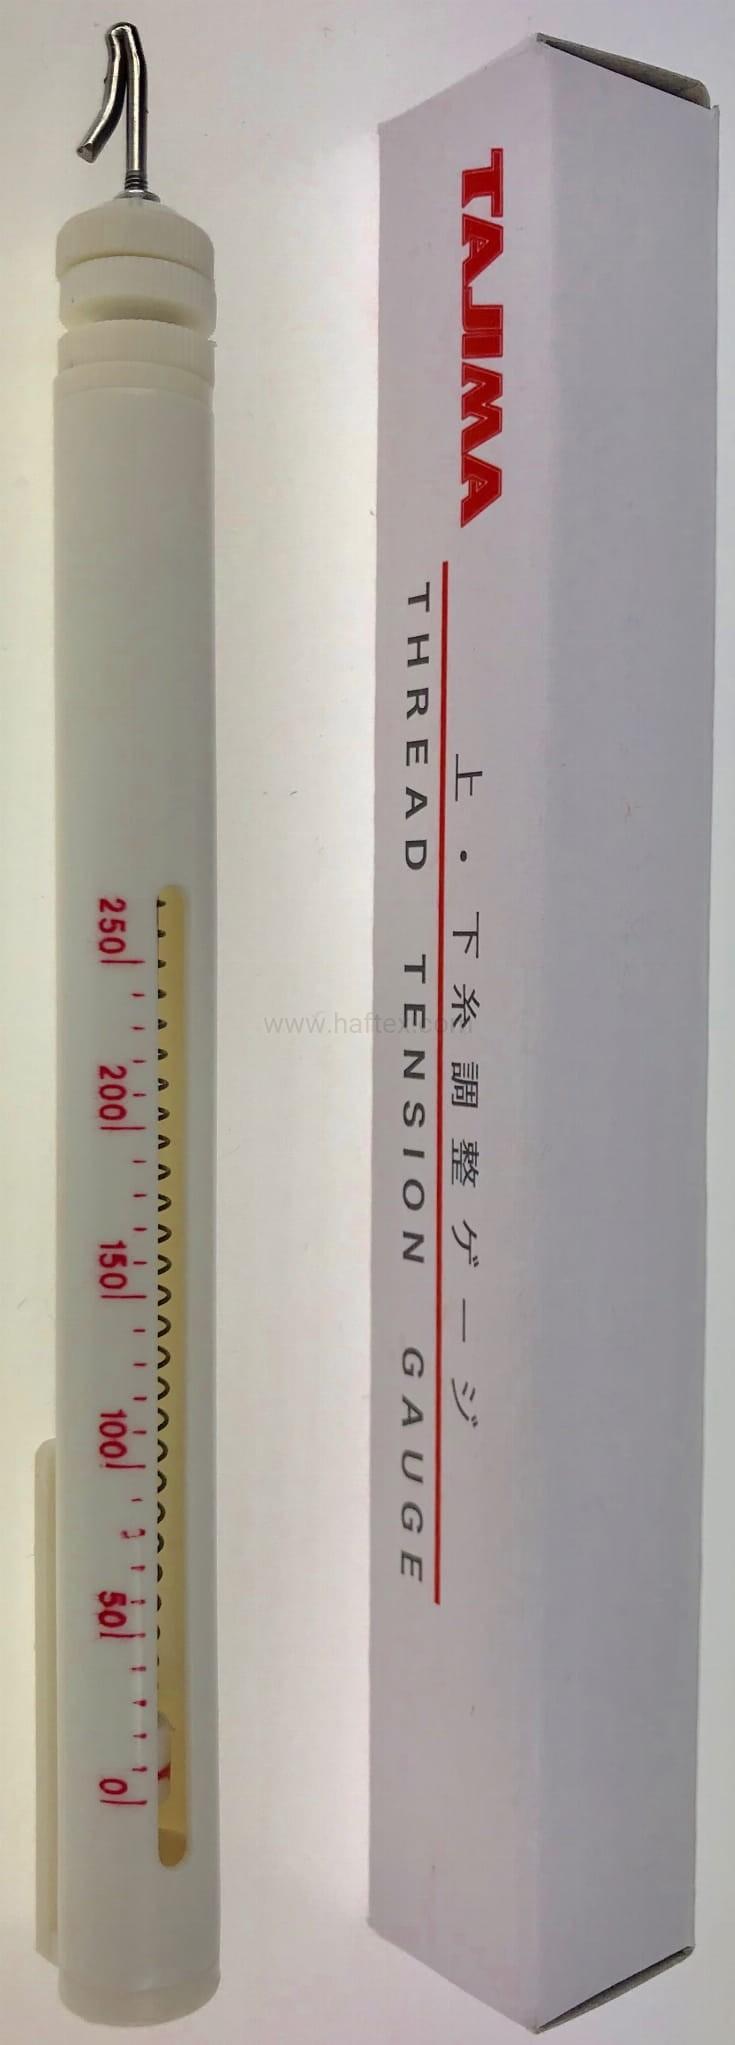 Przyrząd do kontroli naciągu górnej  nici Tajima UTG Towa